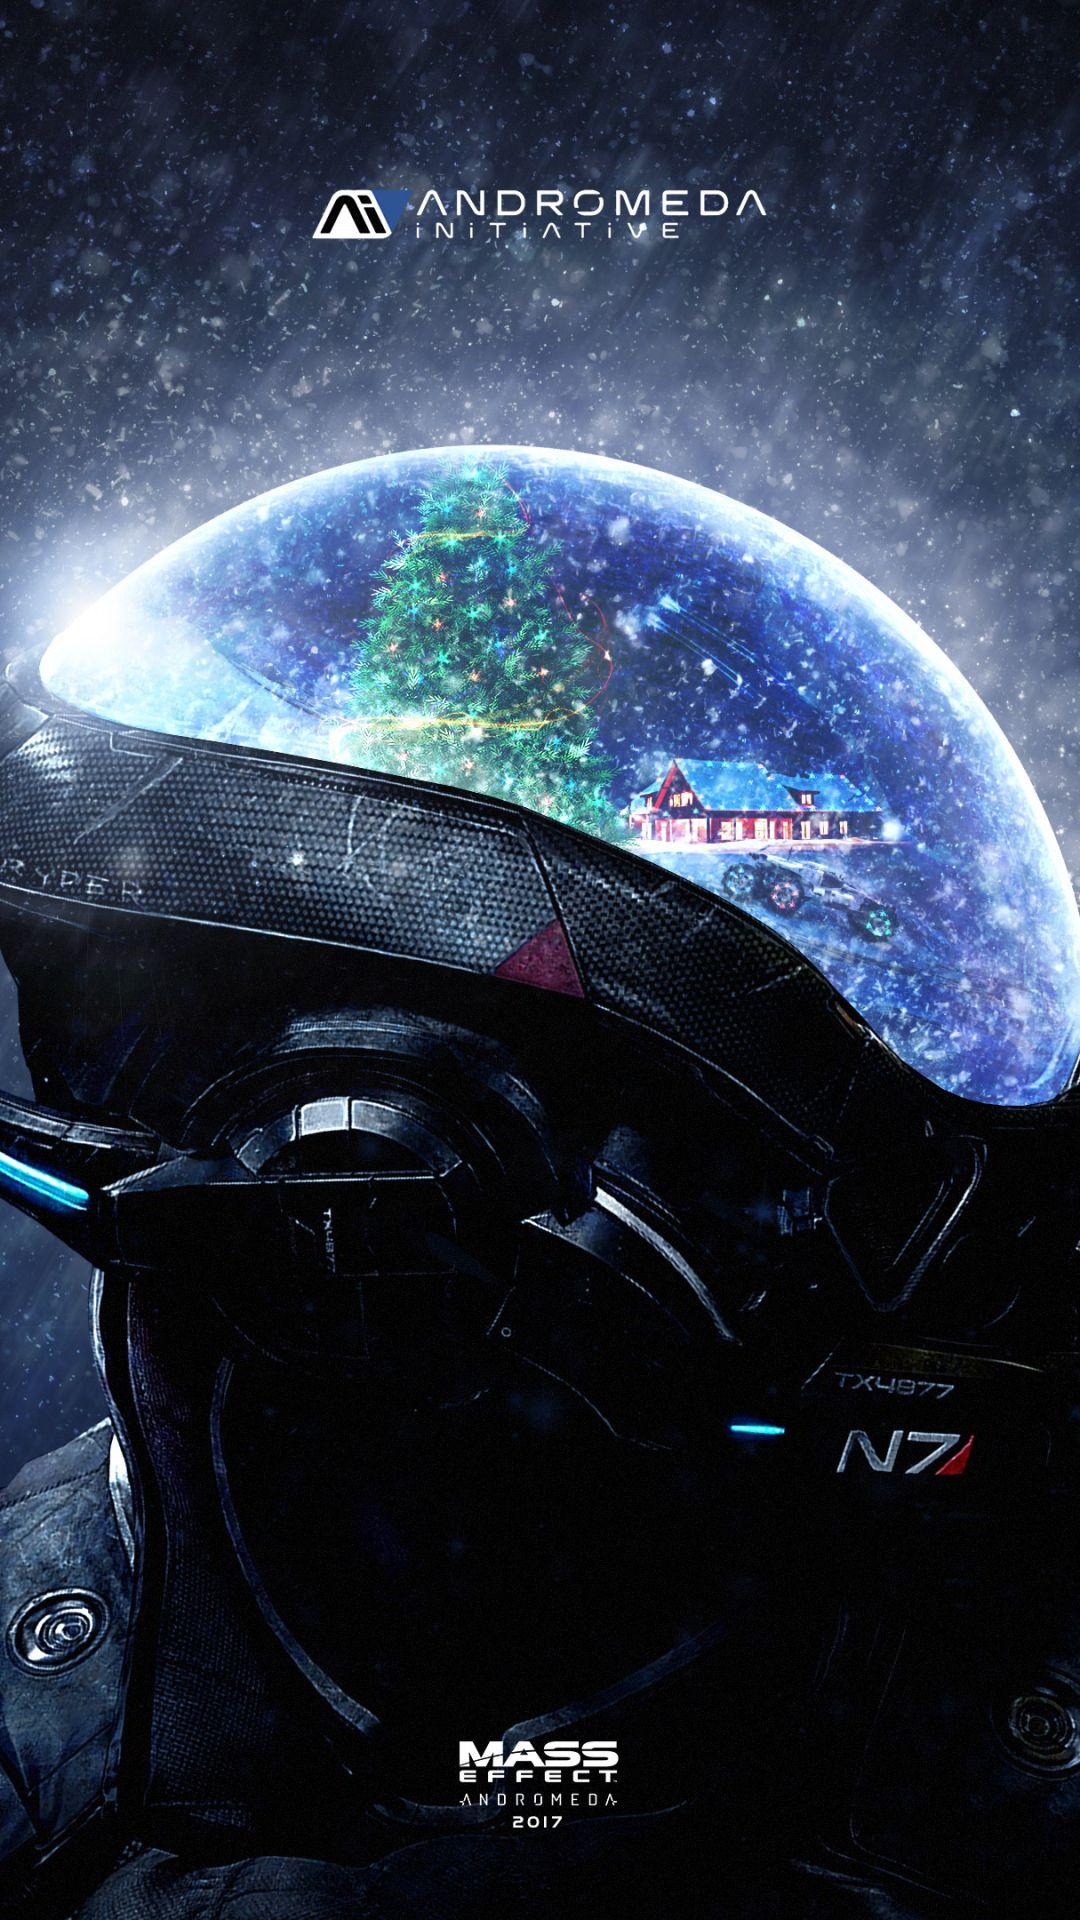 Download Mass Effect Garrus Vakarian Wallpaper For Iphone Call Of Duty Black Ops 3 Mass Effect Call Of Duty Black